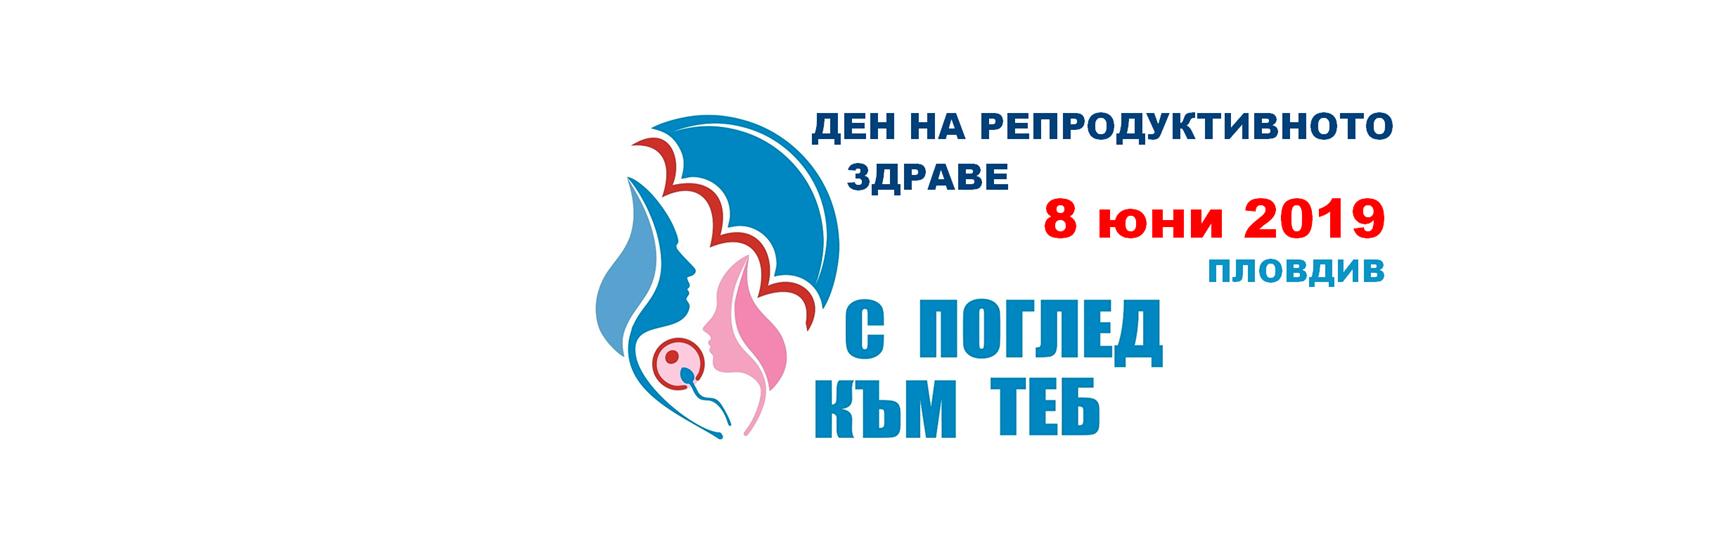 Ден на репродуктивното здраве 8 юни 2019 в Пловдив